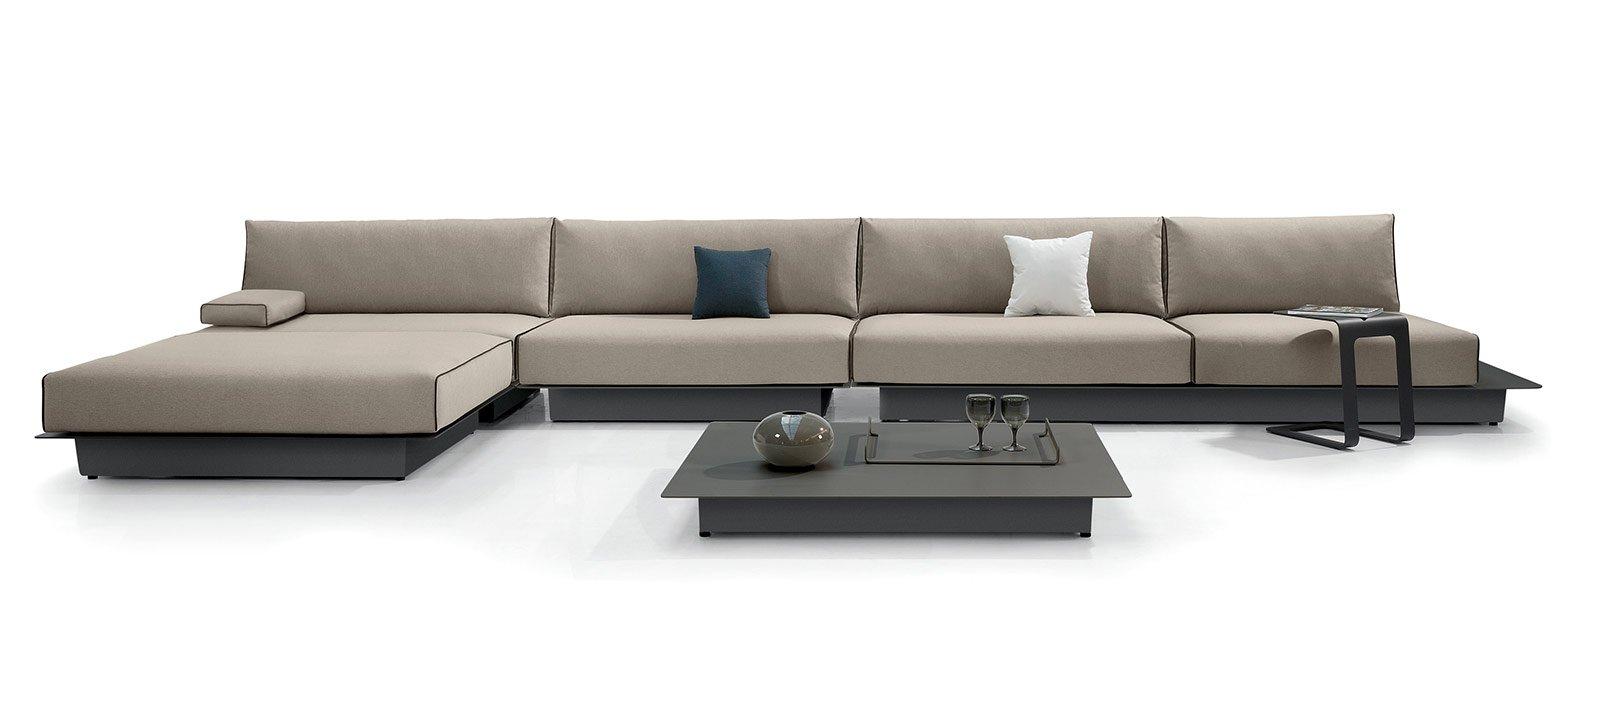 Divani con penisola e ad angolo al salone del mobile - Prodotti per pulire il divano in tessuto ...